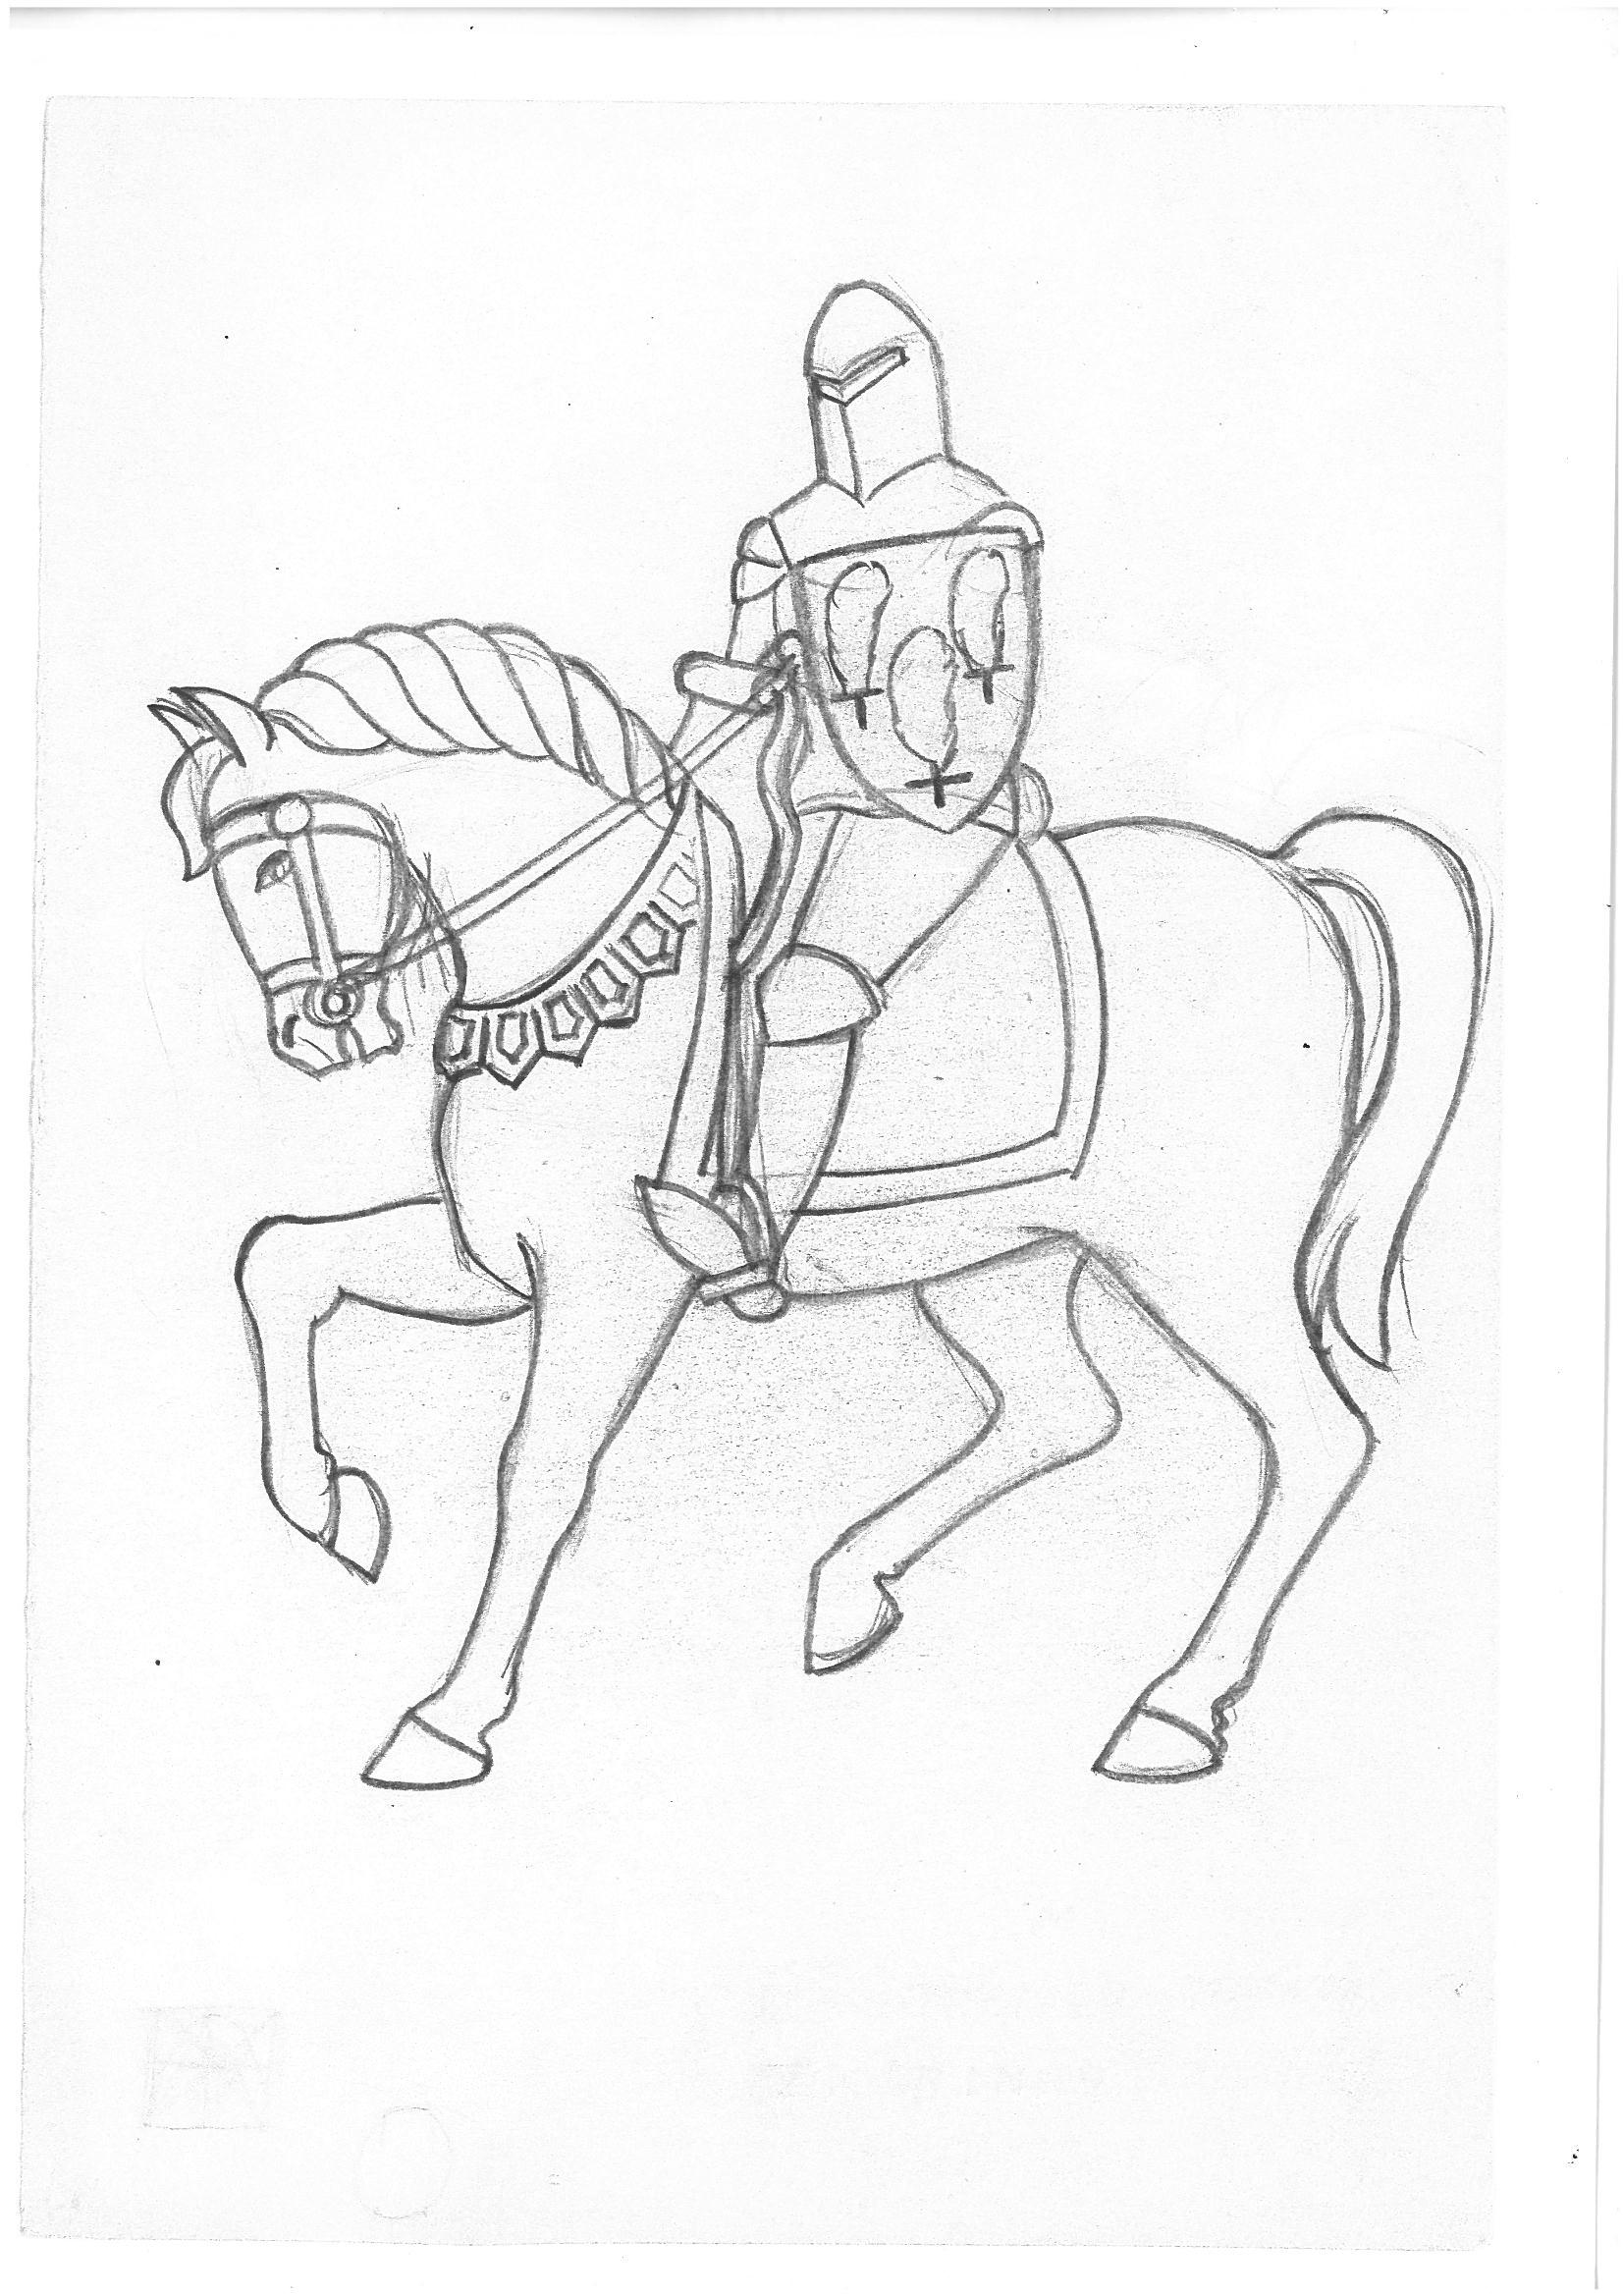 bn-original-sketch